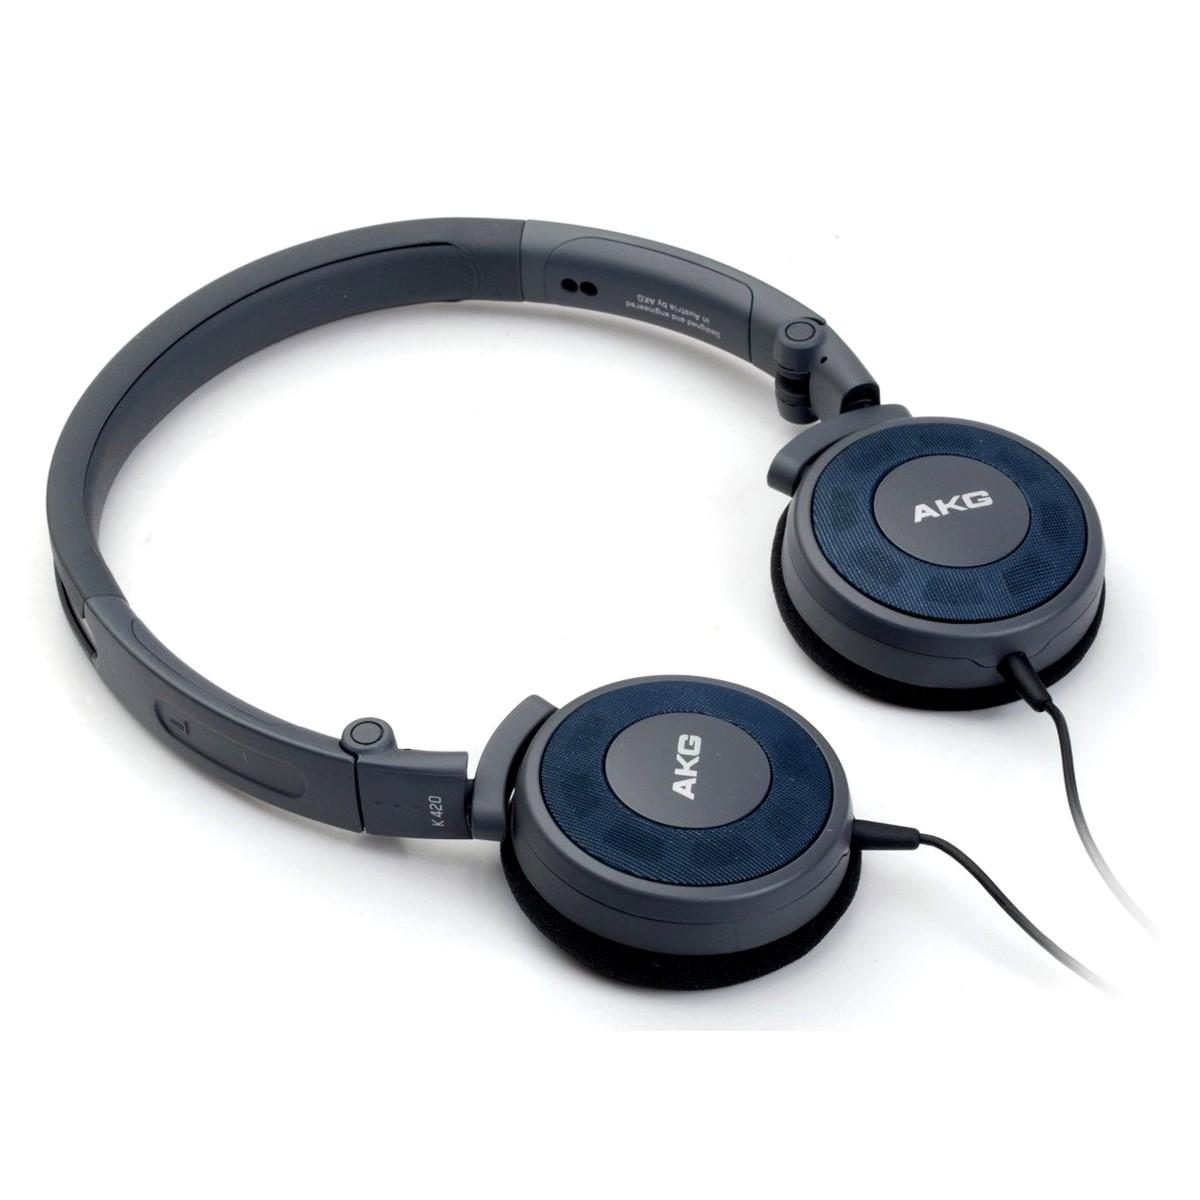 หูฟัง AKG K420 Onear พับได้ ตำนานแห่งออนเอียร์ เสียงระดับพรีเมี่ยม ราคาประหยัด